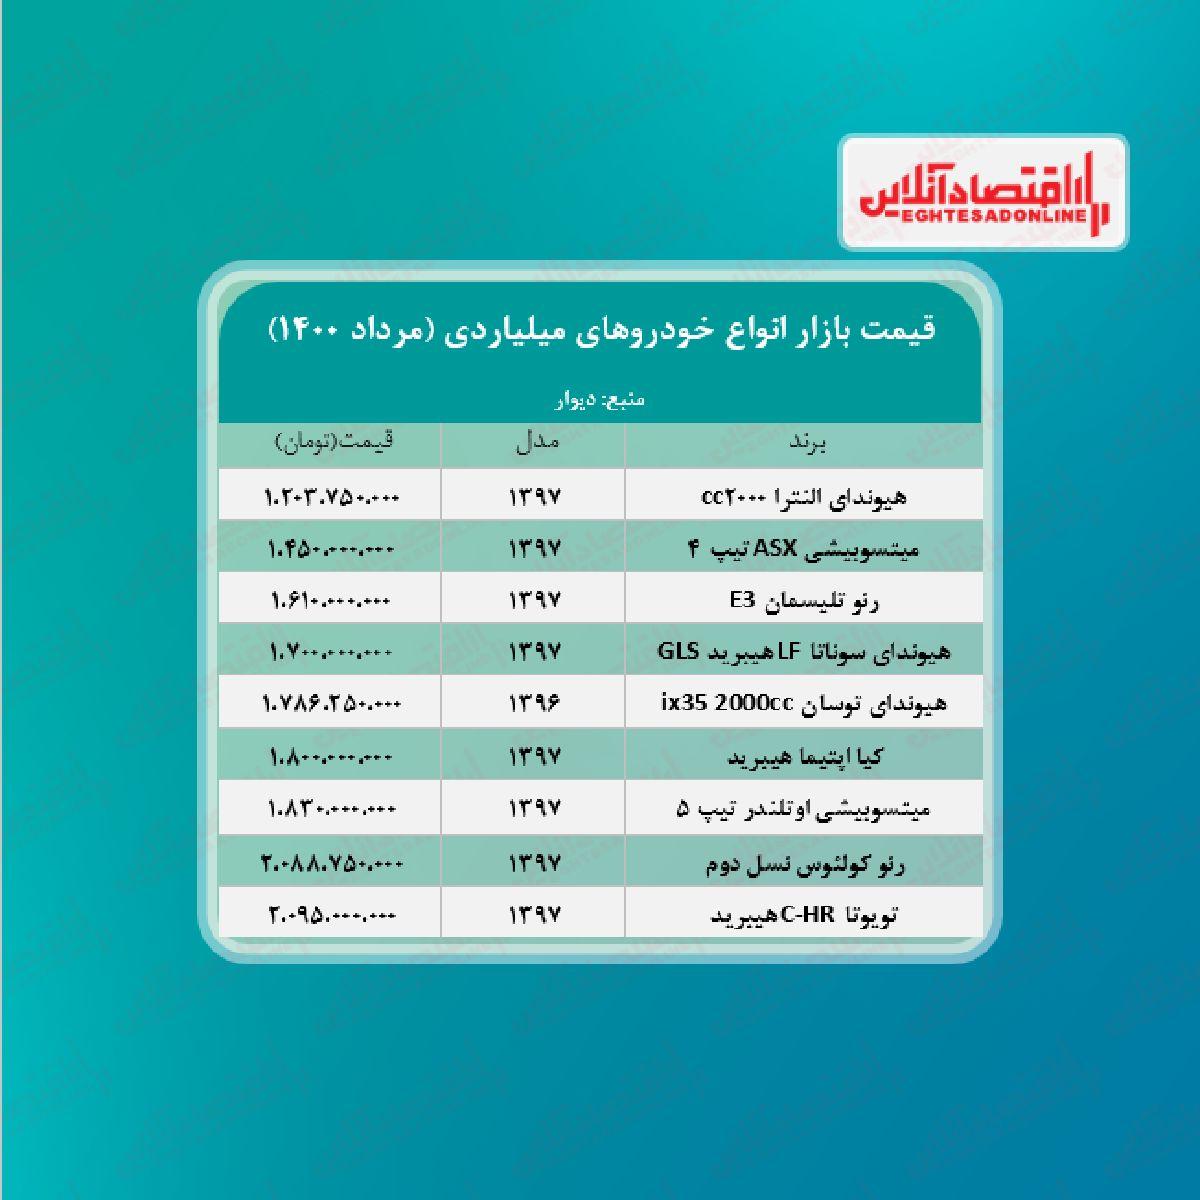 خودروهای میلیاردی بازار تهران + جدول